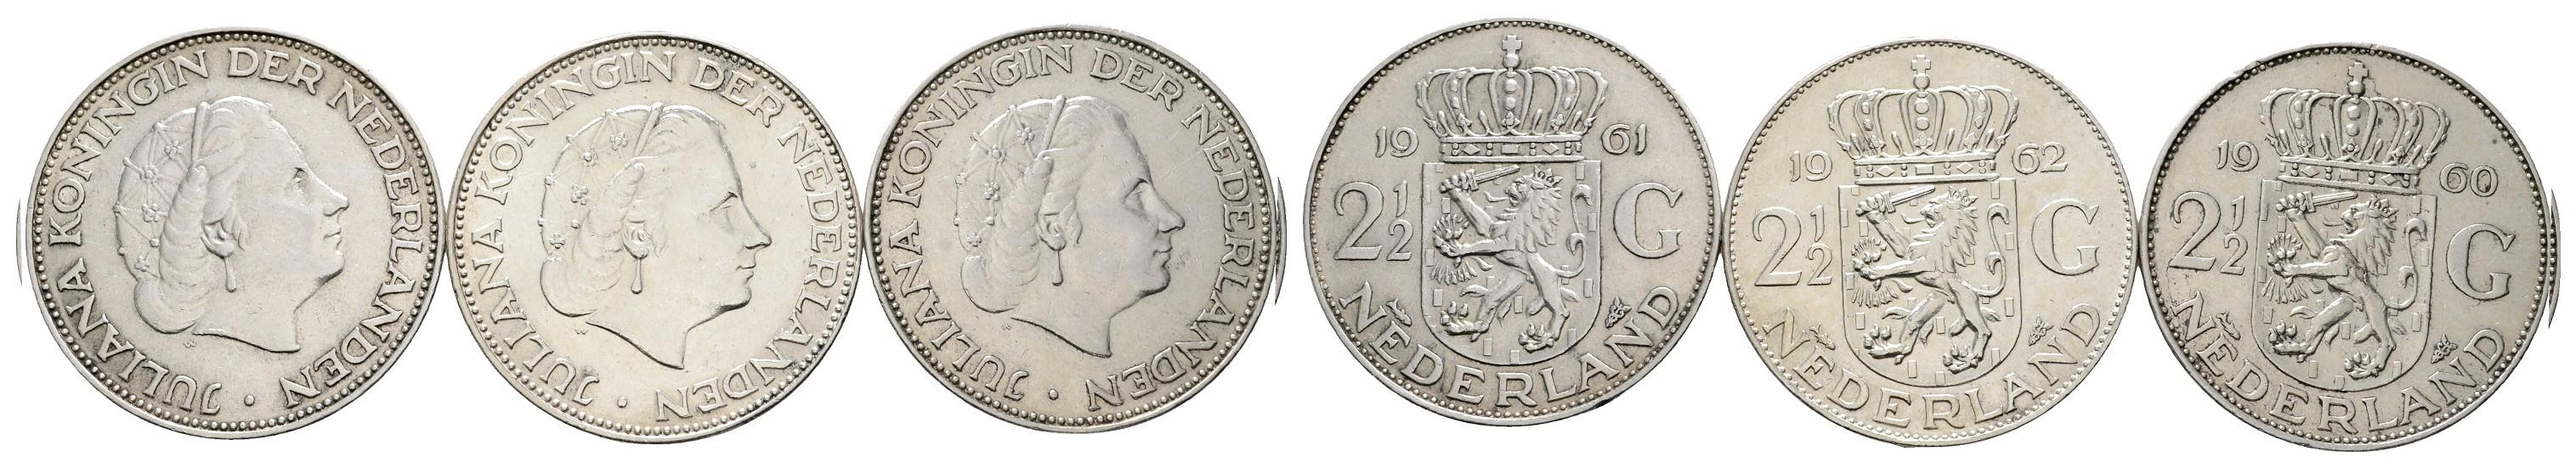 MGS Niederlande 2 1/2 Gulden 1960/1961/1962 Feingewicht: 32,4g